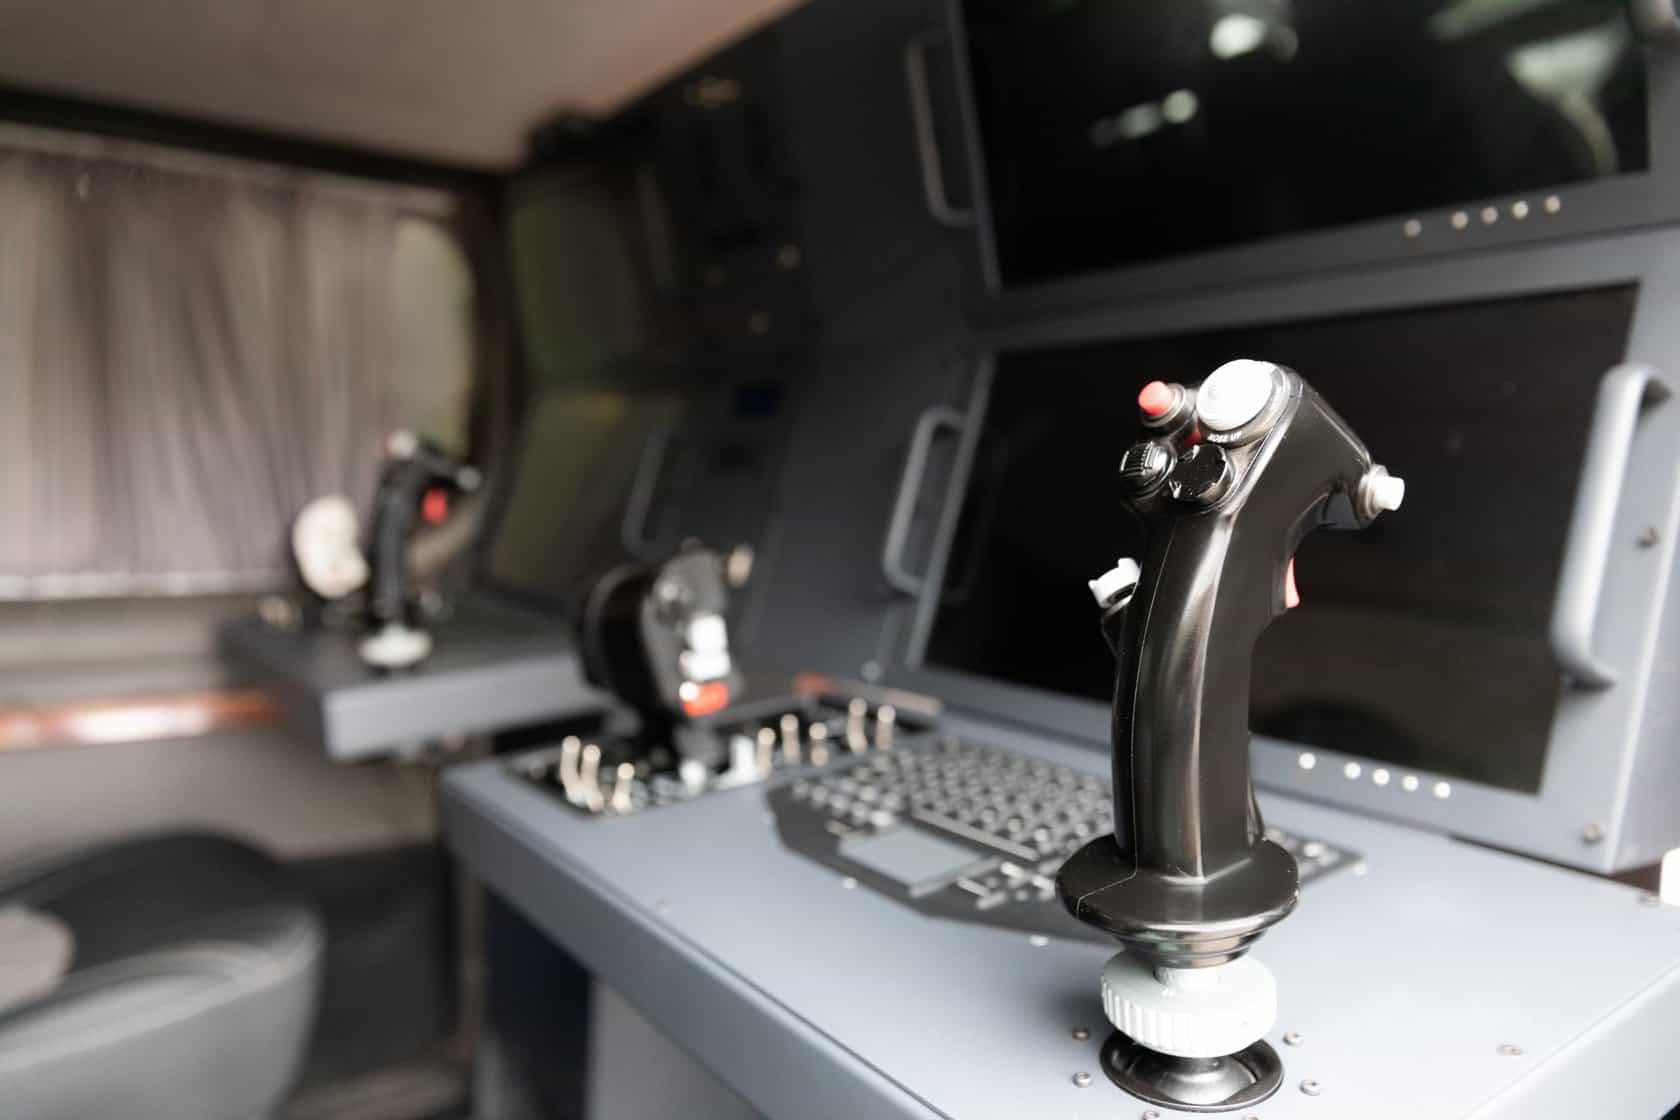 Місця оператора та пілота БПЛА UJ-22 Airborne